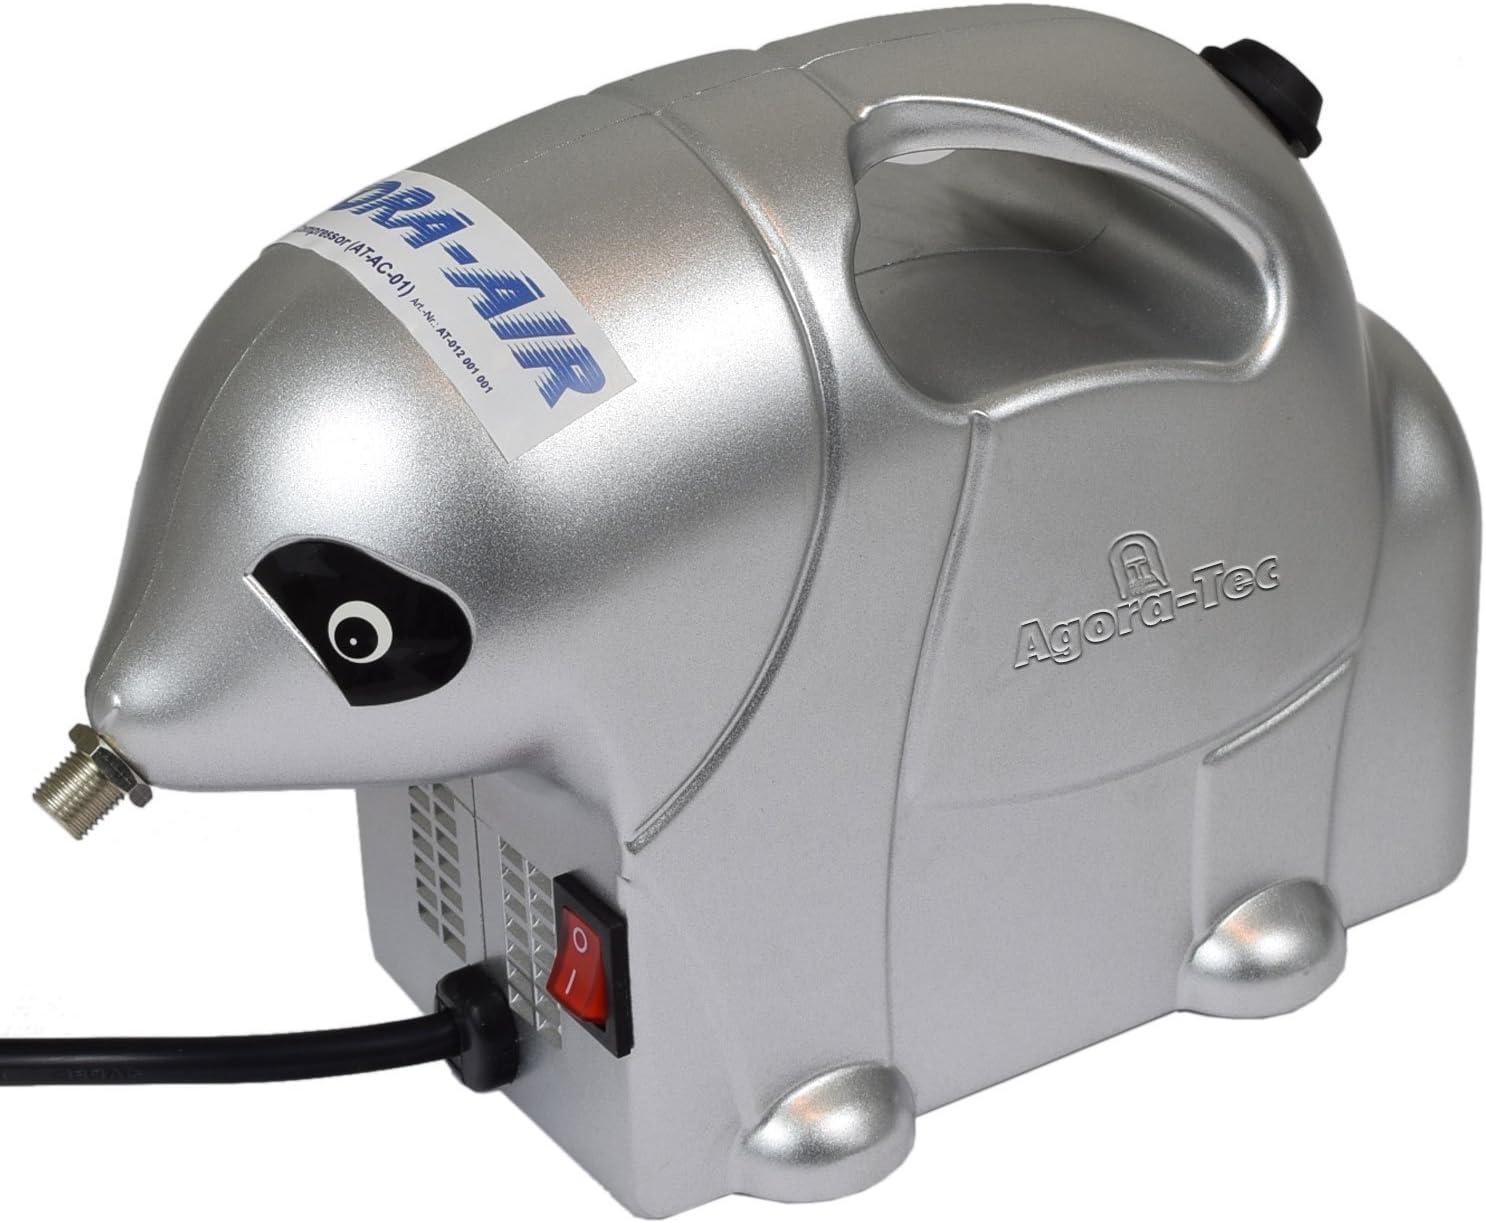 Agora-Tec/® AT- Airbrush Compressor AT-AC-01 Kompressor f/ür Airbrushanwendungen im Elefanten-Style mit 2,8 bar und 13l//min inkl Pistolenhalterung